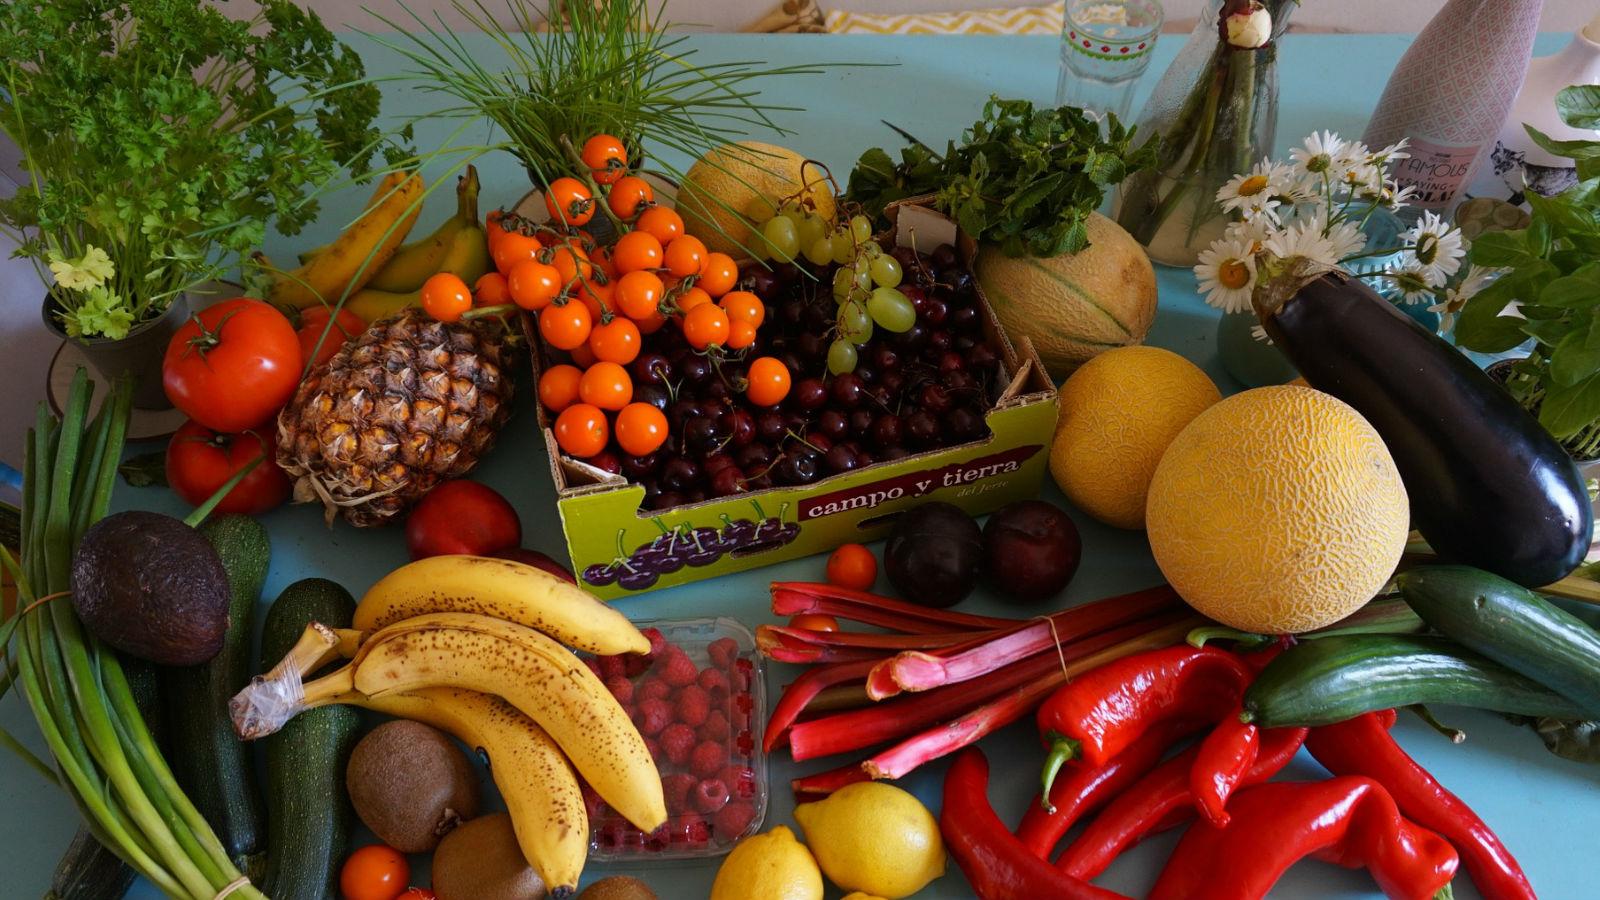 Cómo conservar al máximo el valor nutritivo de las frutas y verduras